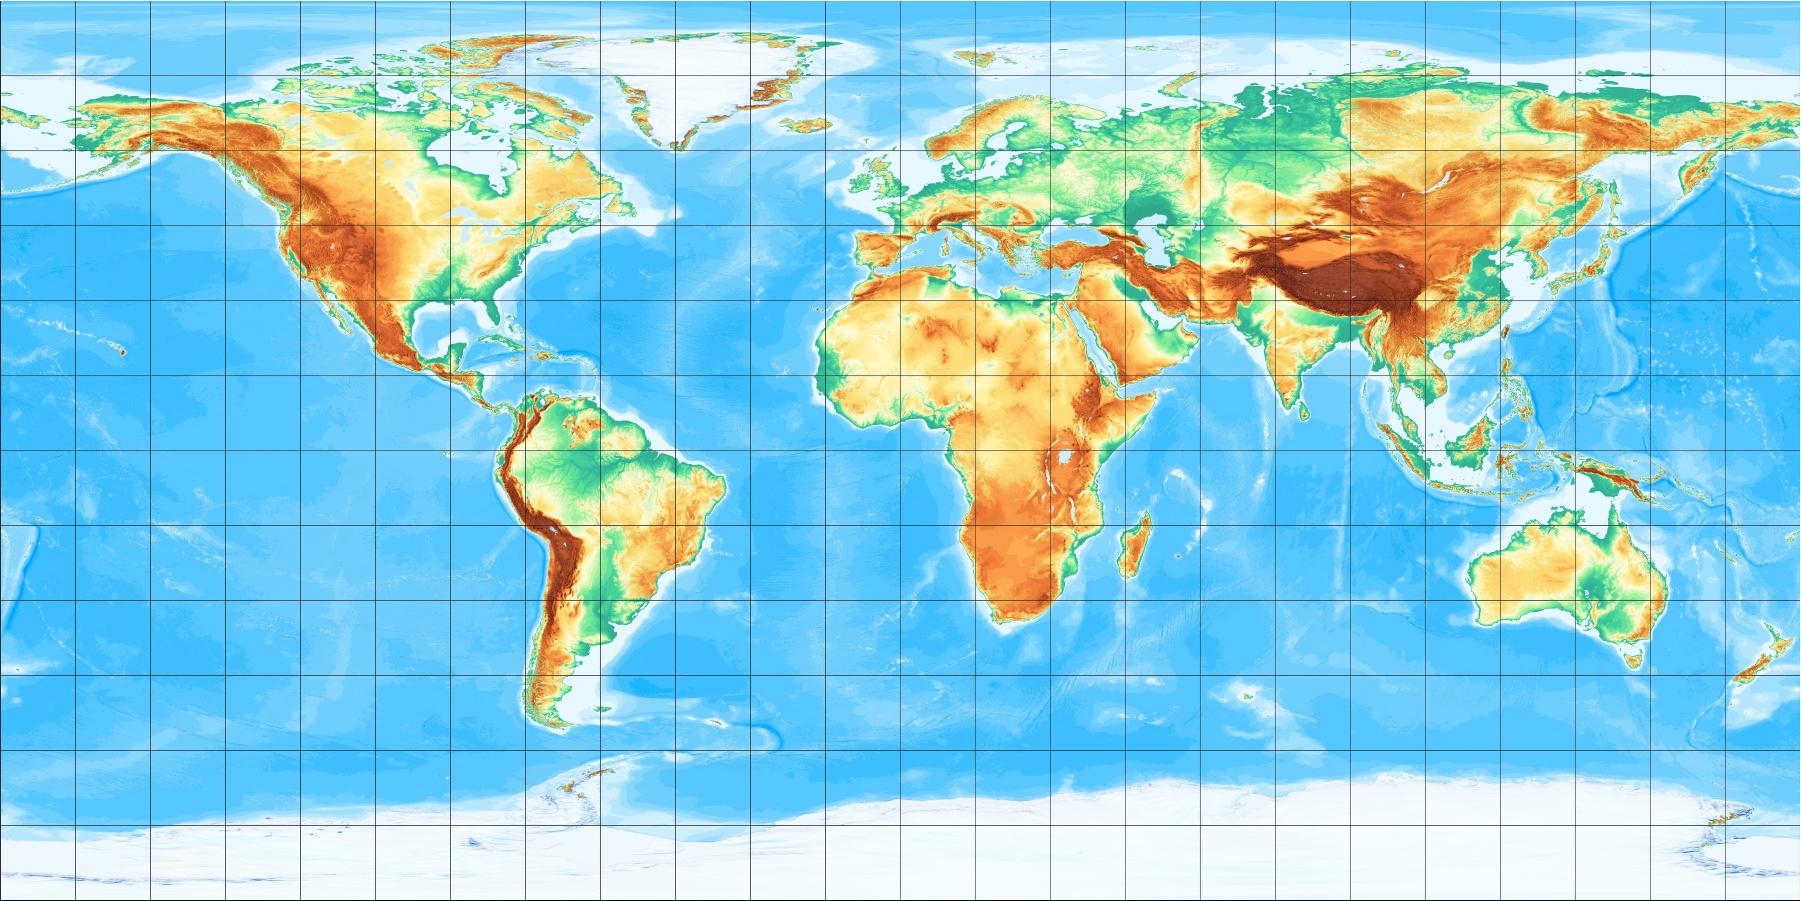 Südamerika Karte Ohne Beschriftung.Gallerie